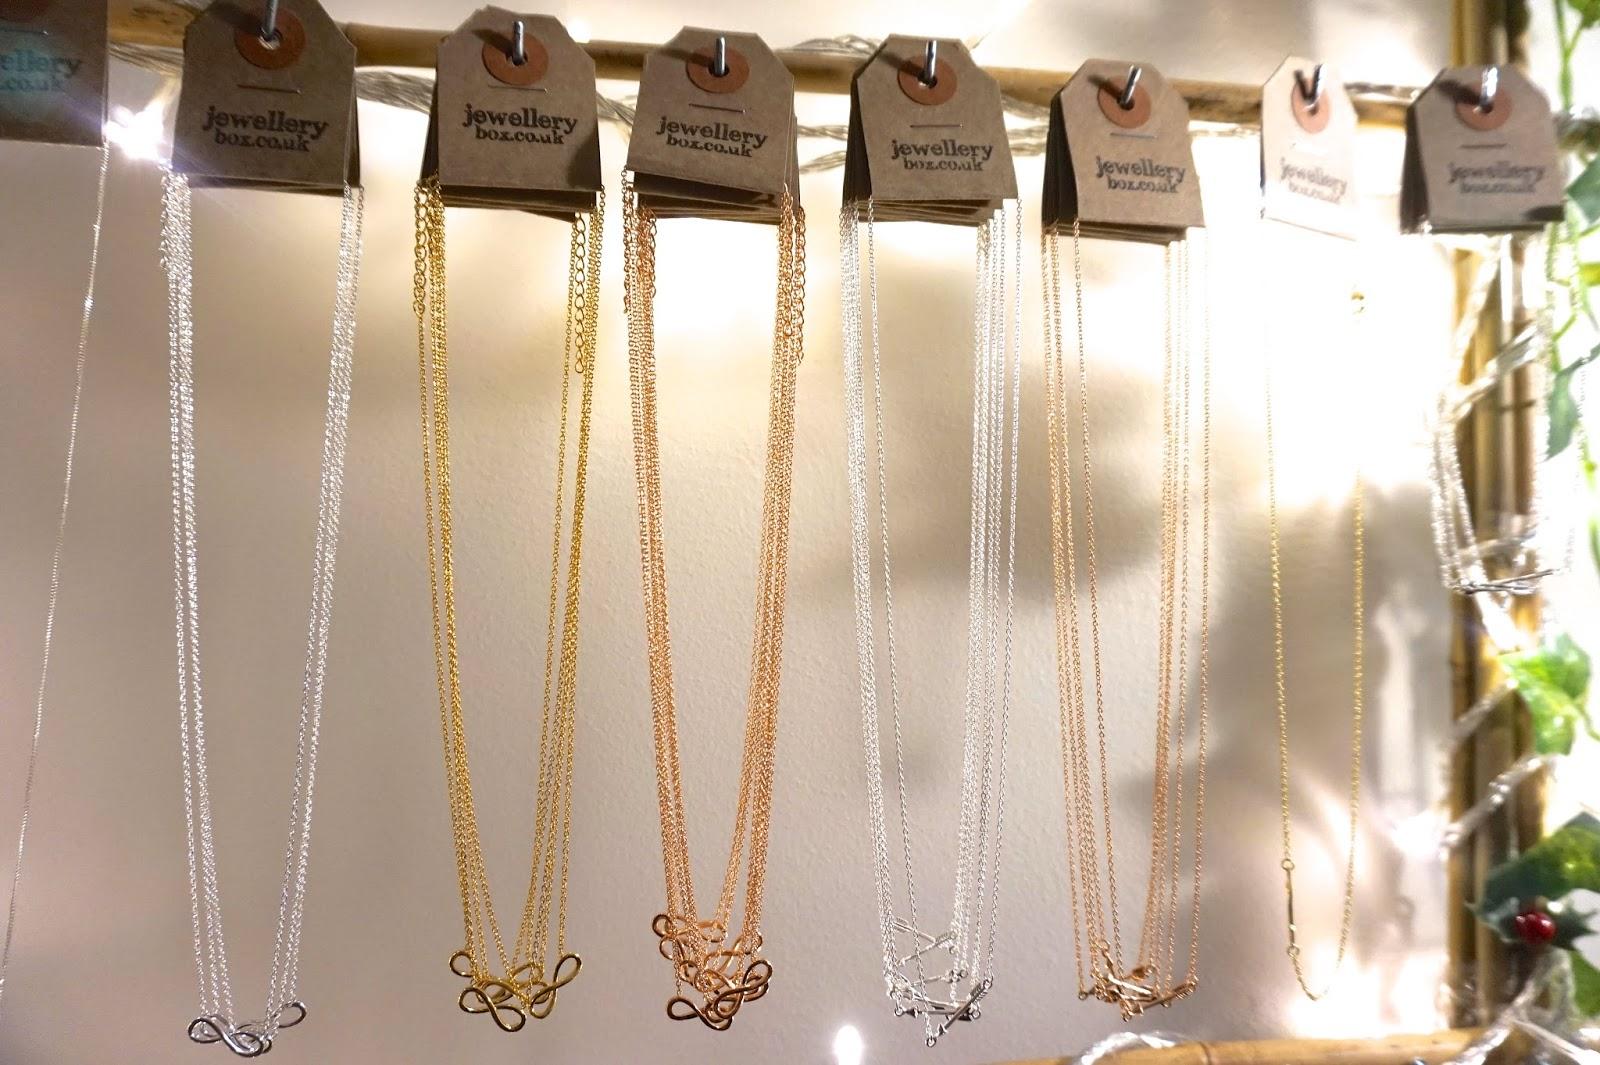 infinity arrow necklace jewellery box london